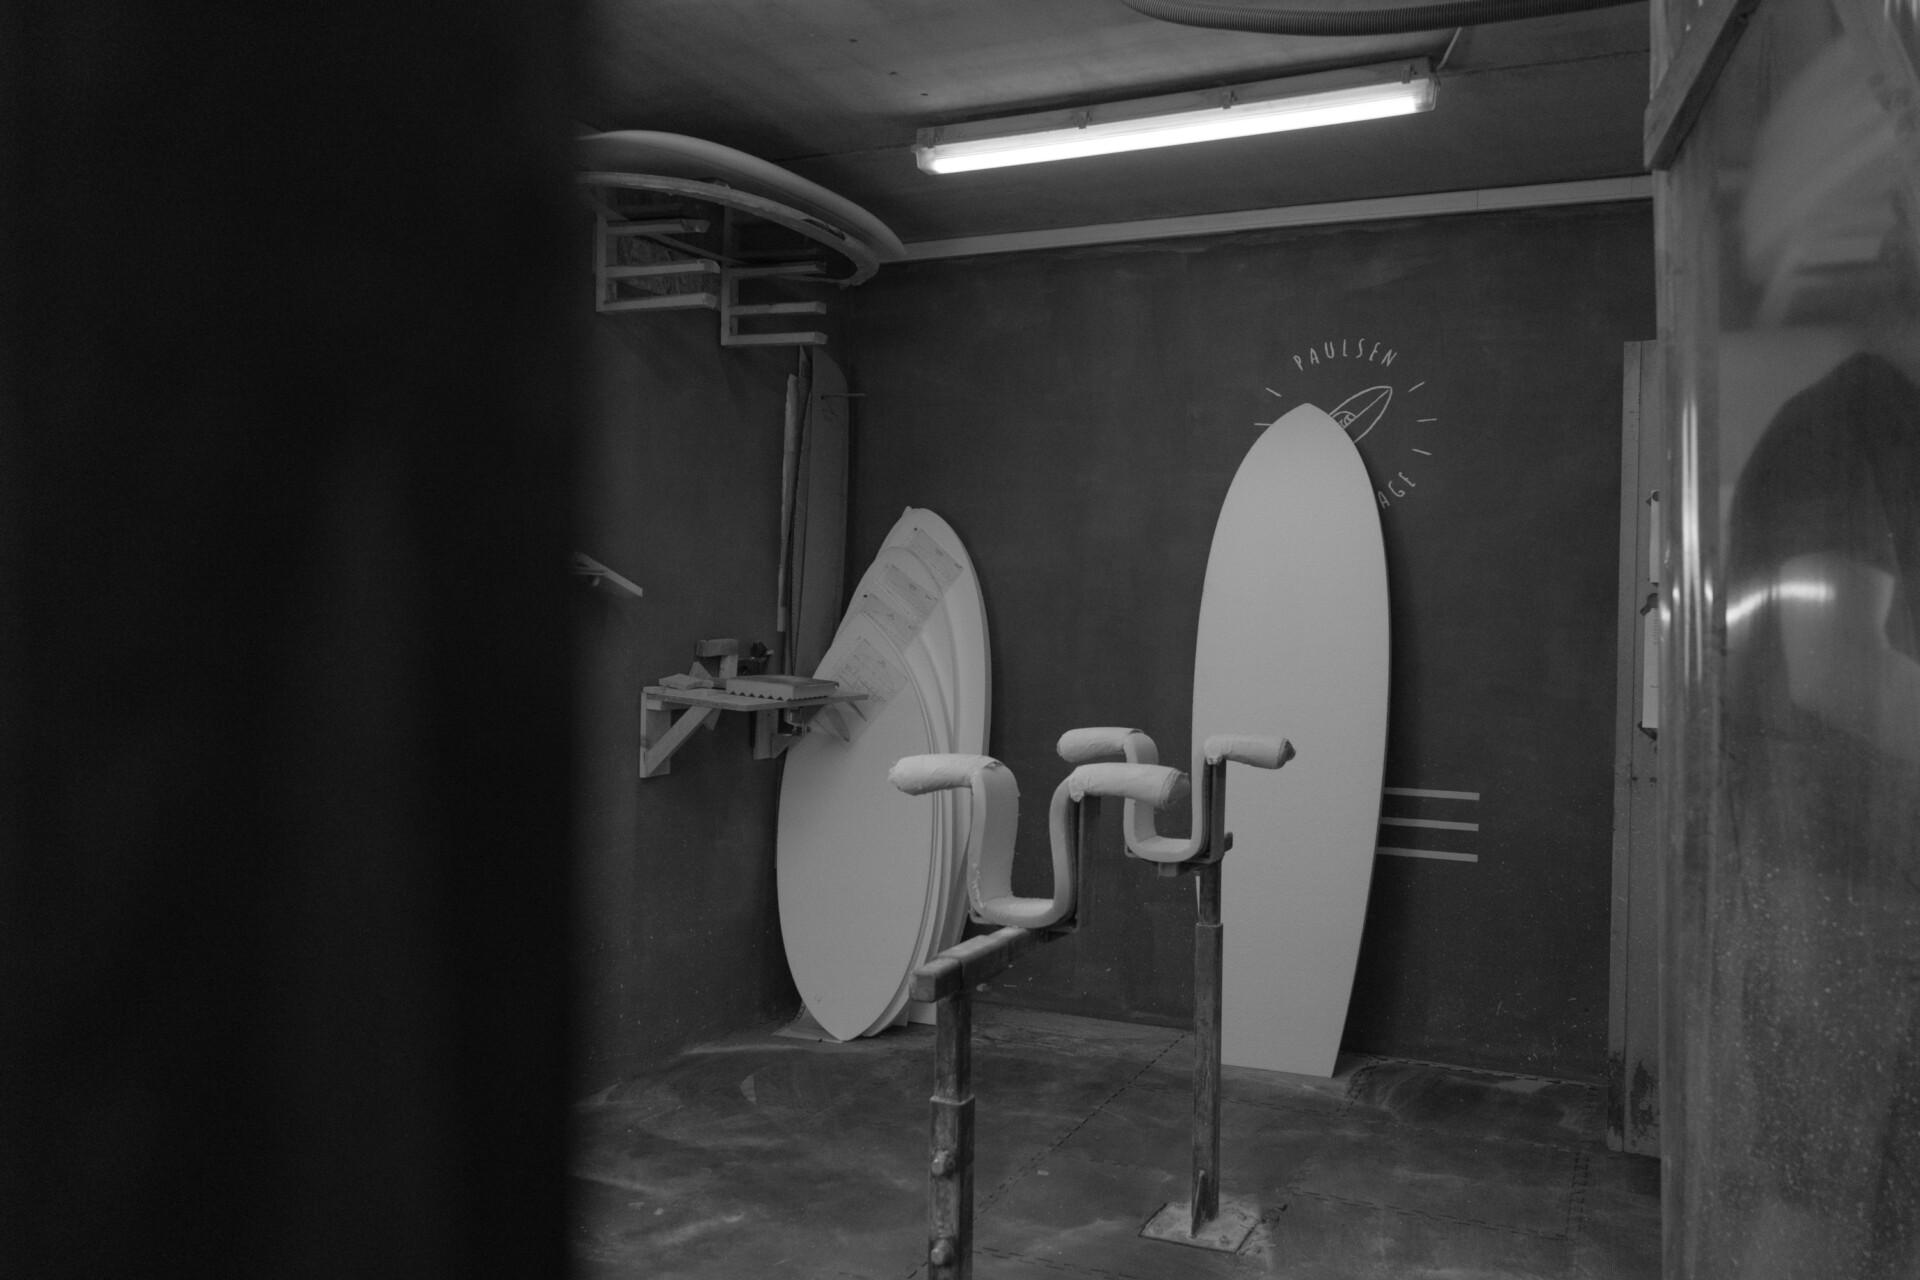 Paulsen Surf Garage